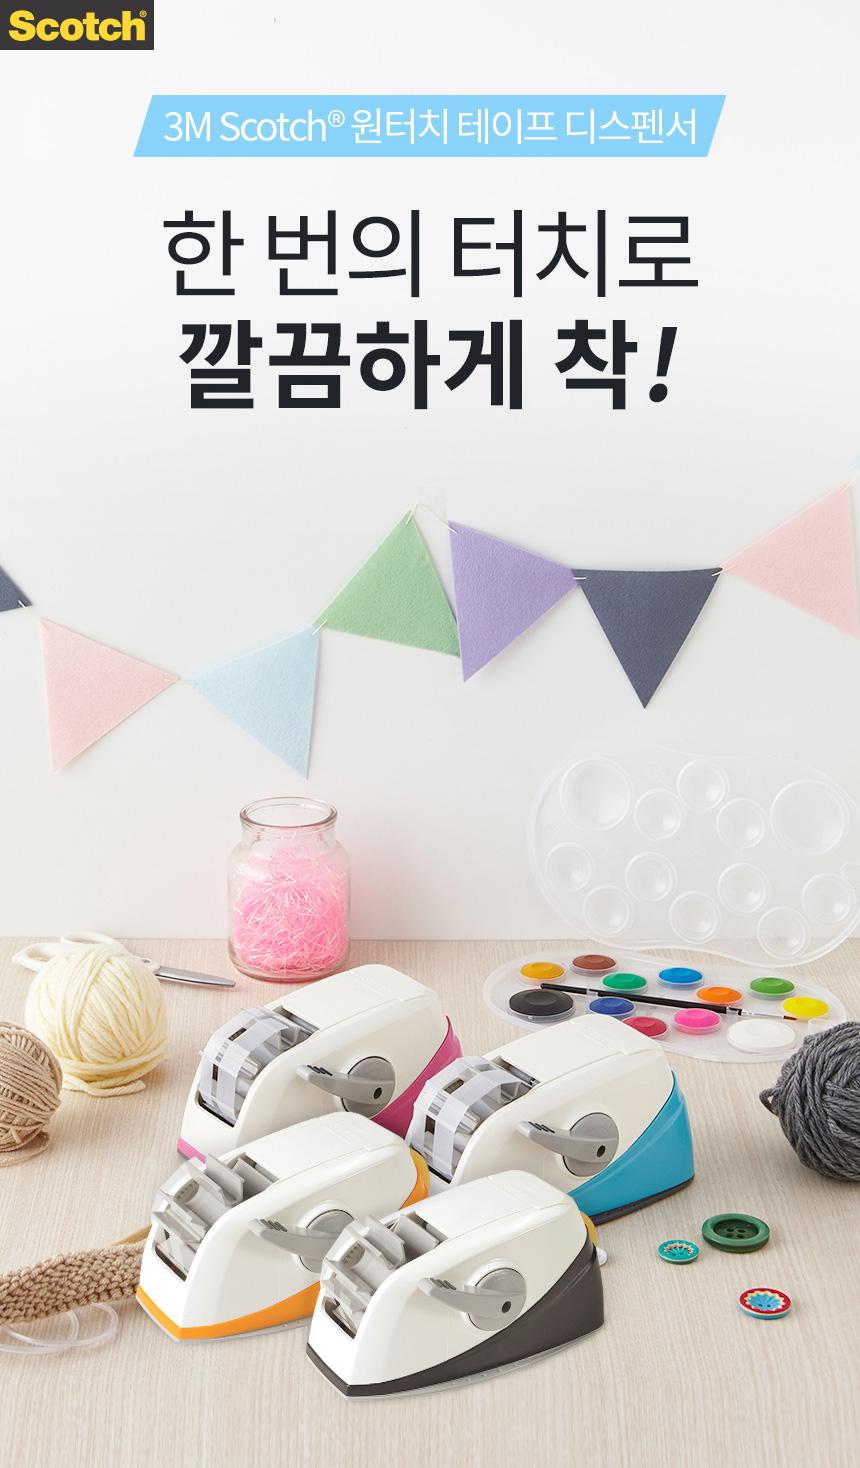 스카치 원터치 테이프 디스펜서(핑크) + 리필 2롤 - 한국쓰리엠, 18,700원, 테이프, 디스펜서